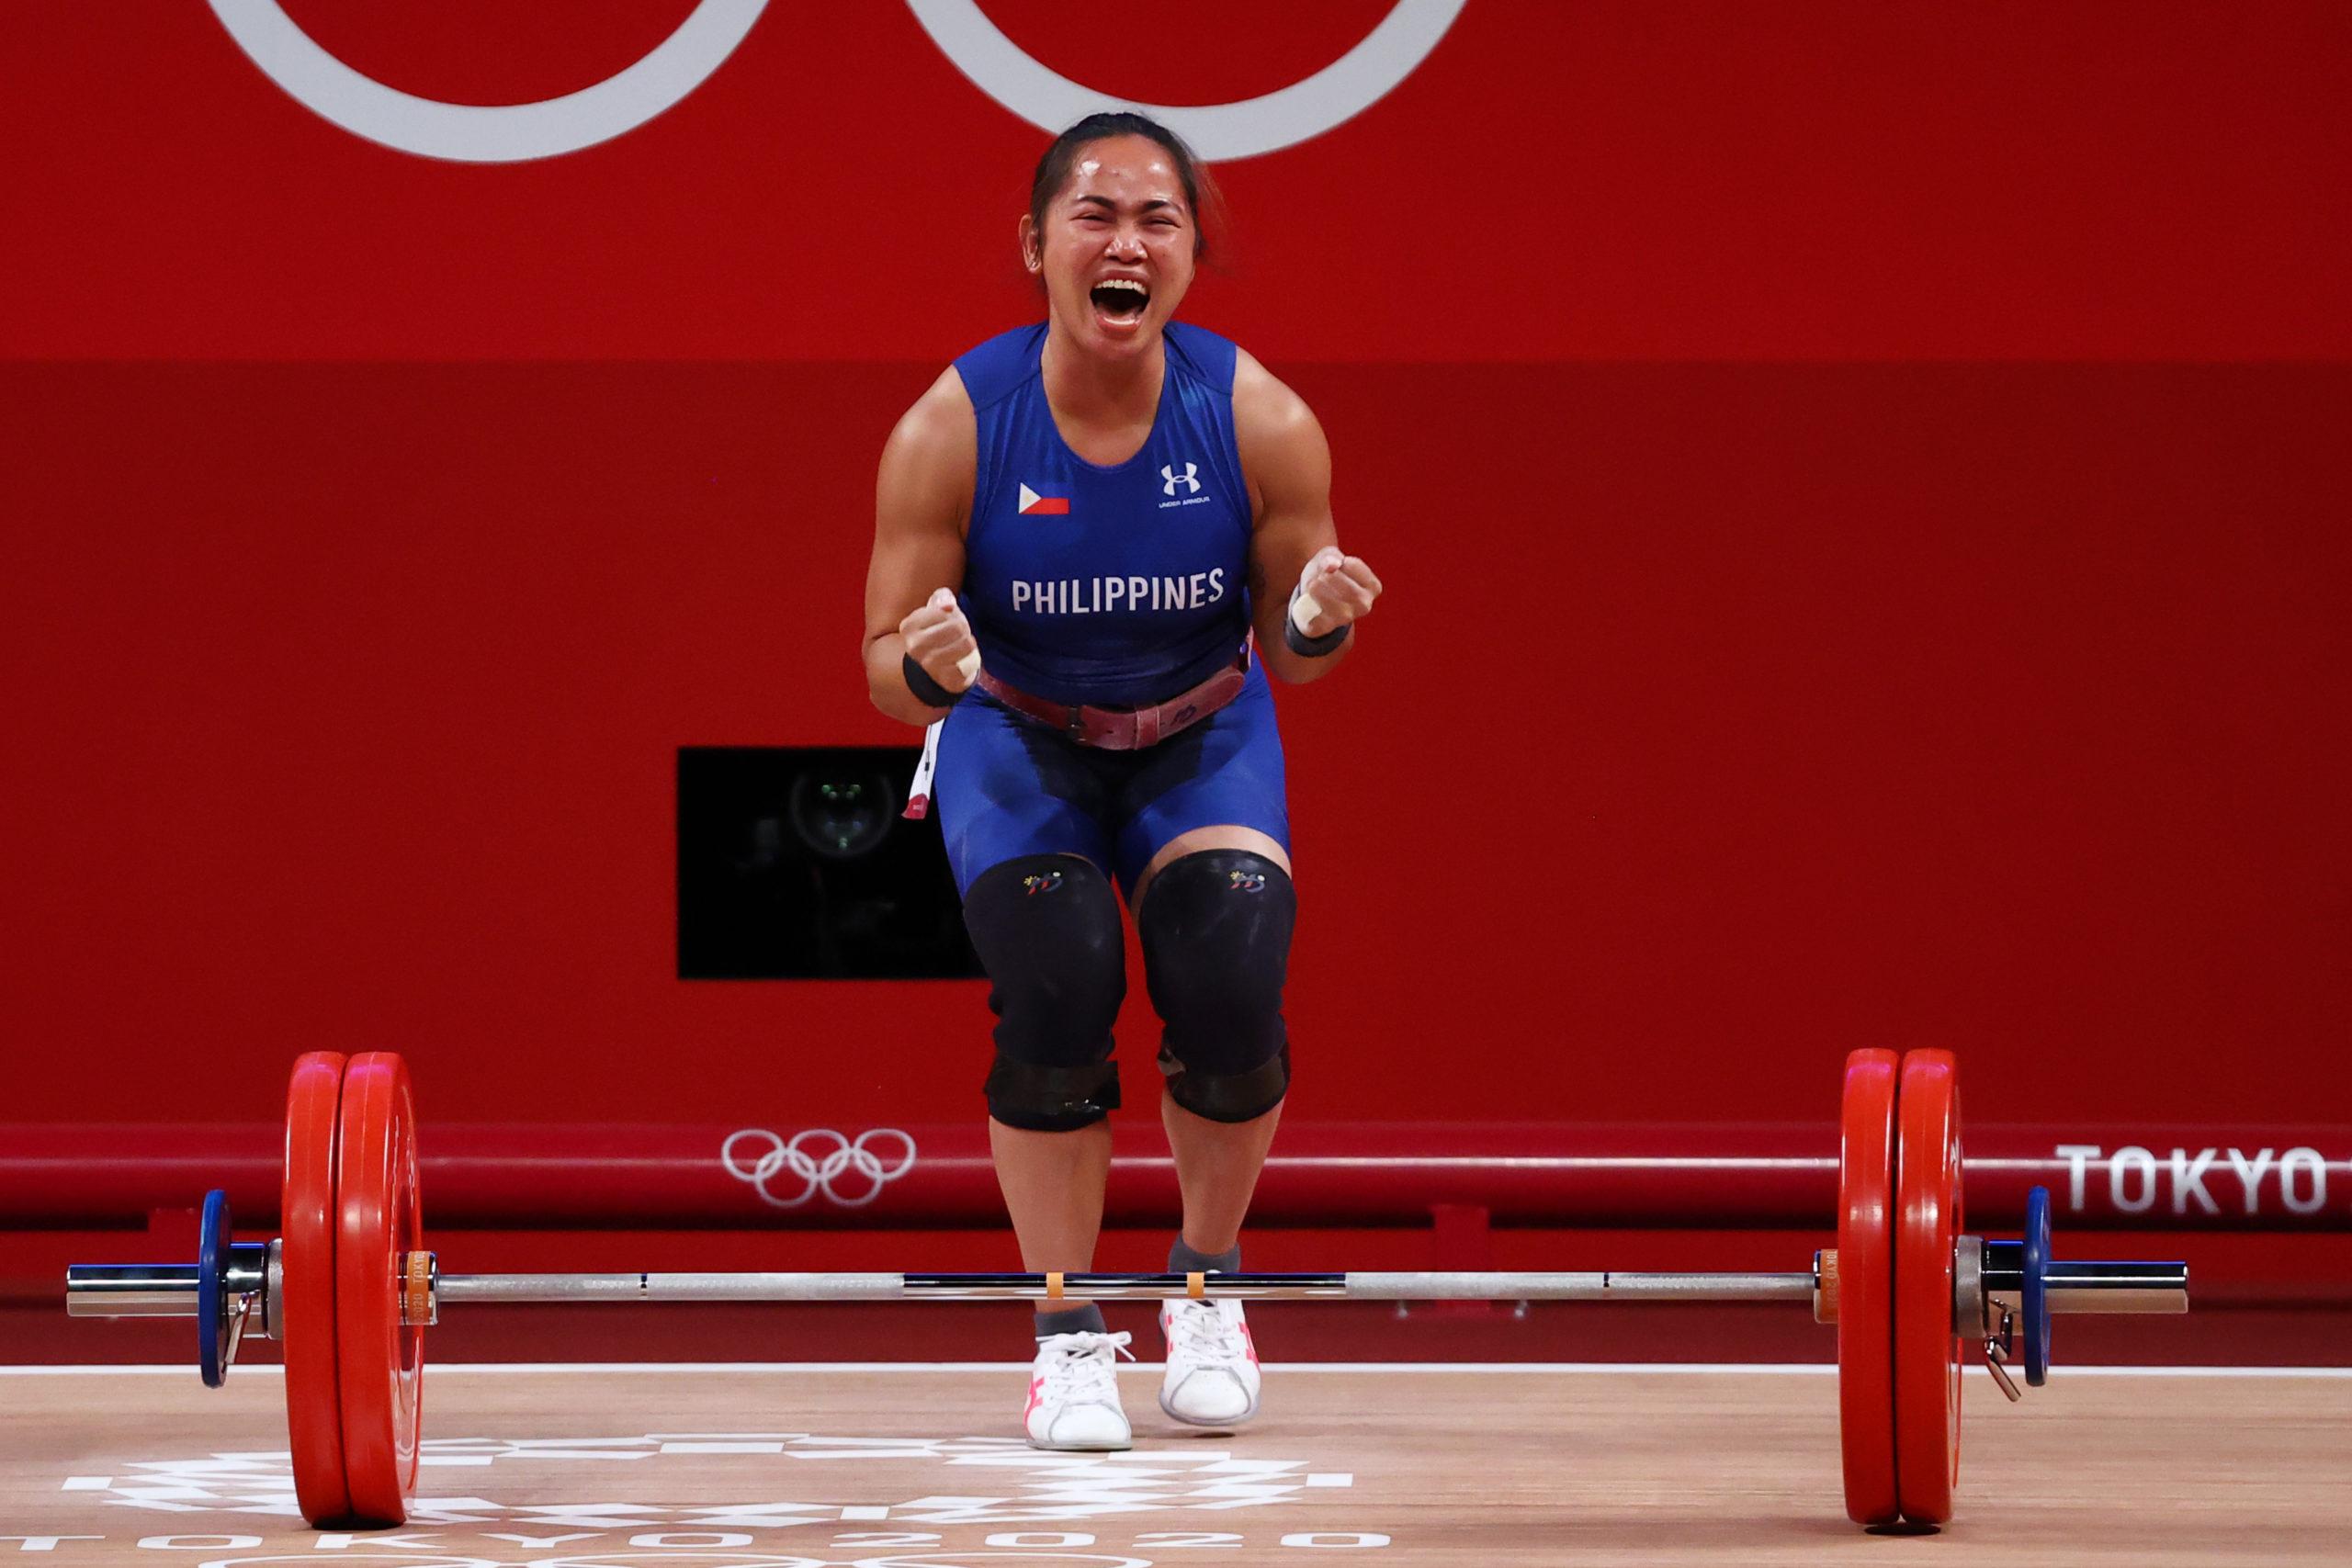 Por ganar primera medalla de oro para Filipinas, atleta olímpica recibirá ¡millonarios premios!